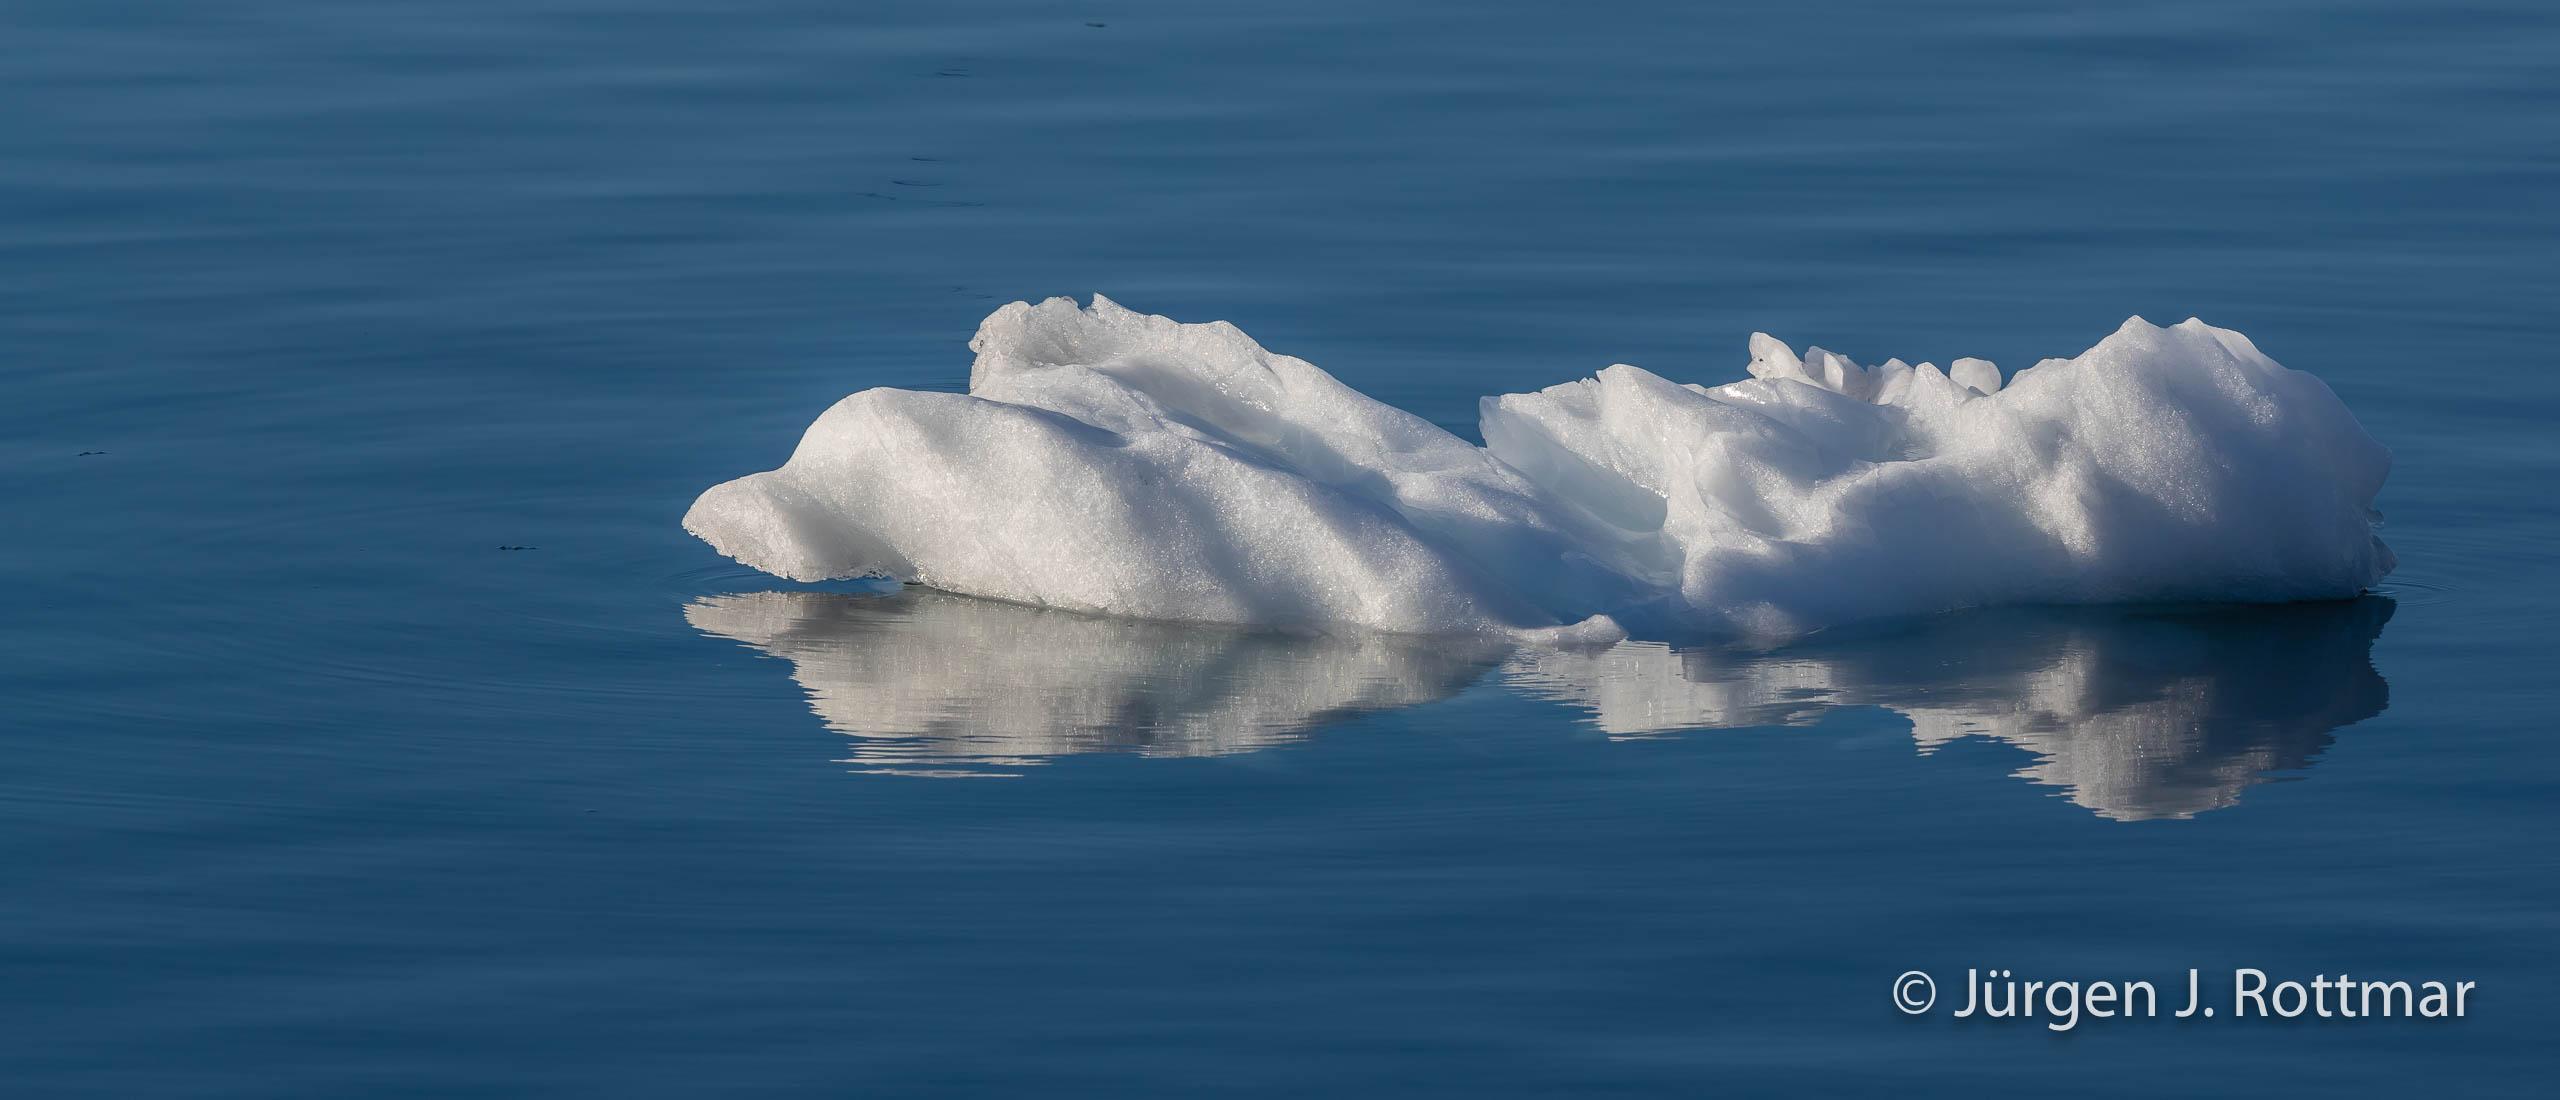 Juergen-J-Rottmar-Groenland-8_2018_MG_5060-Bearbeitet